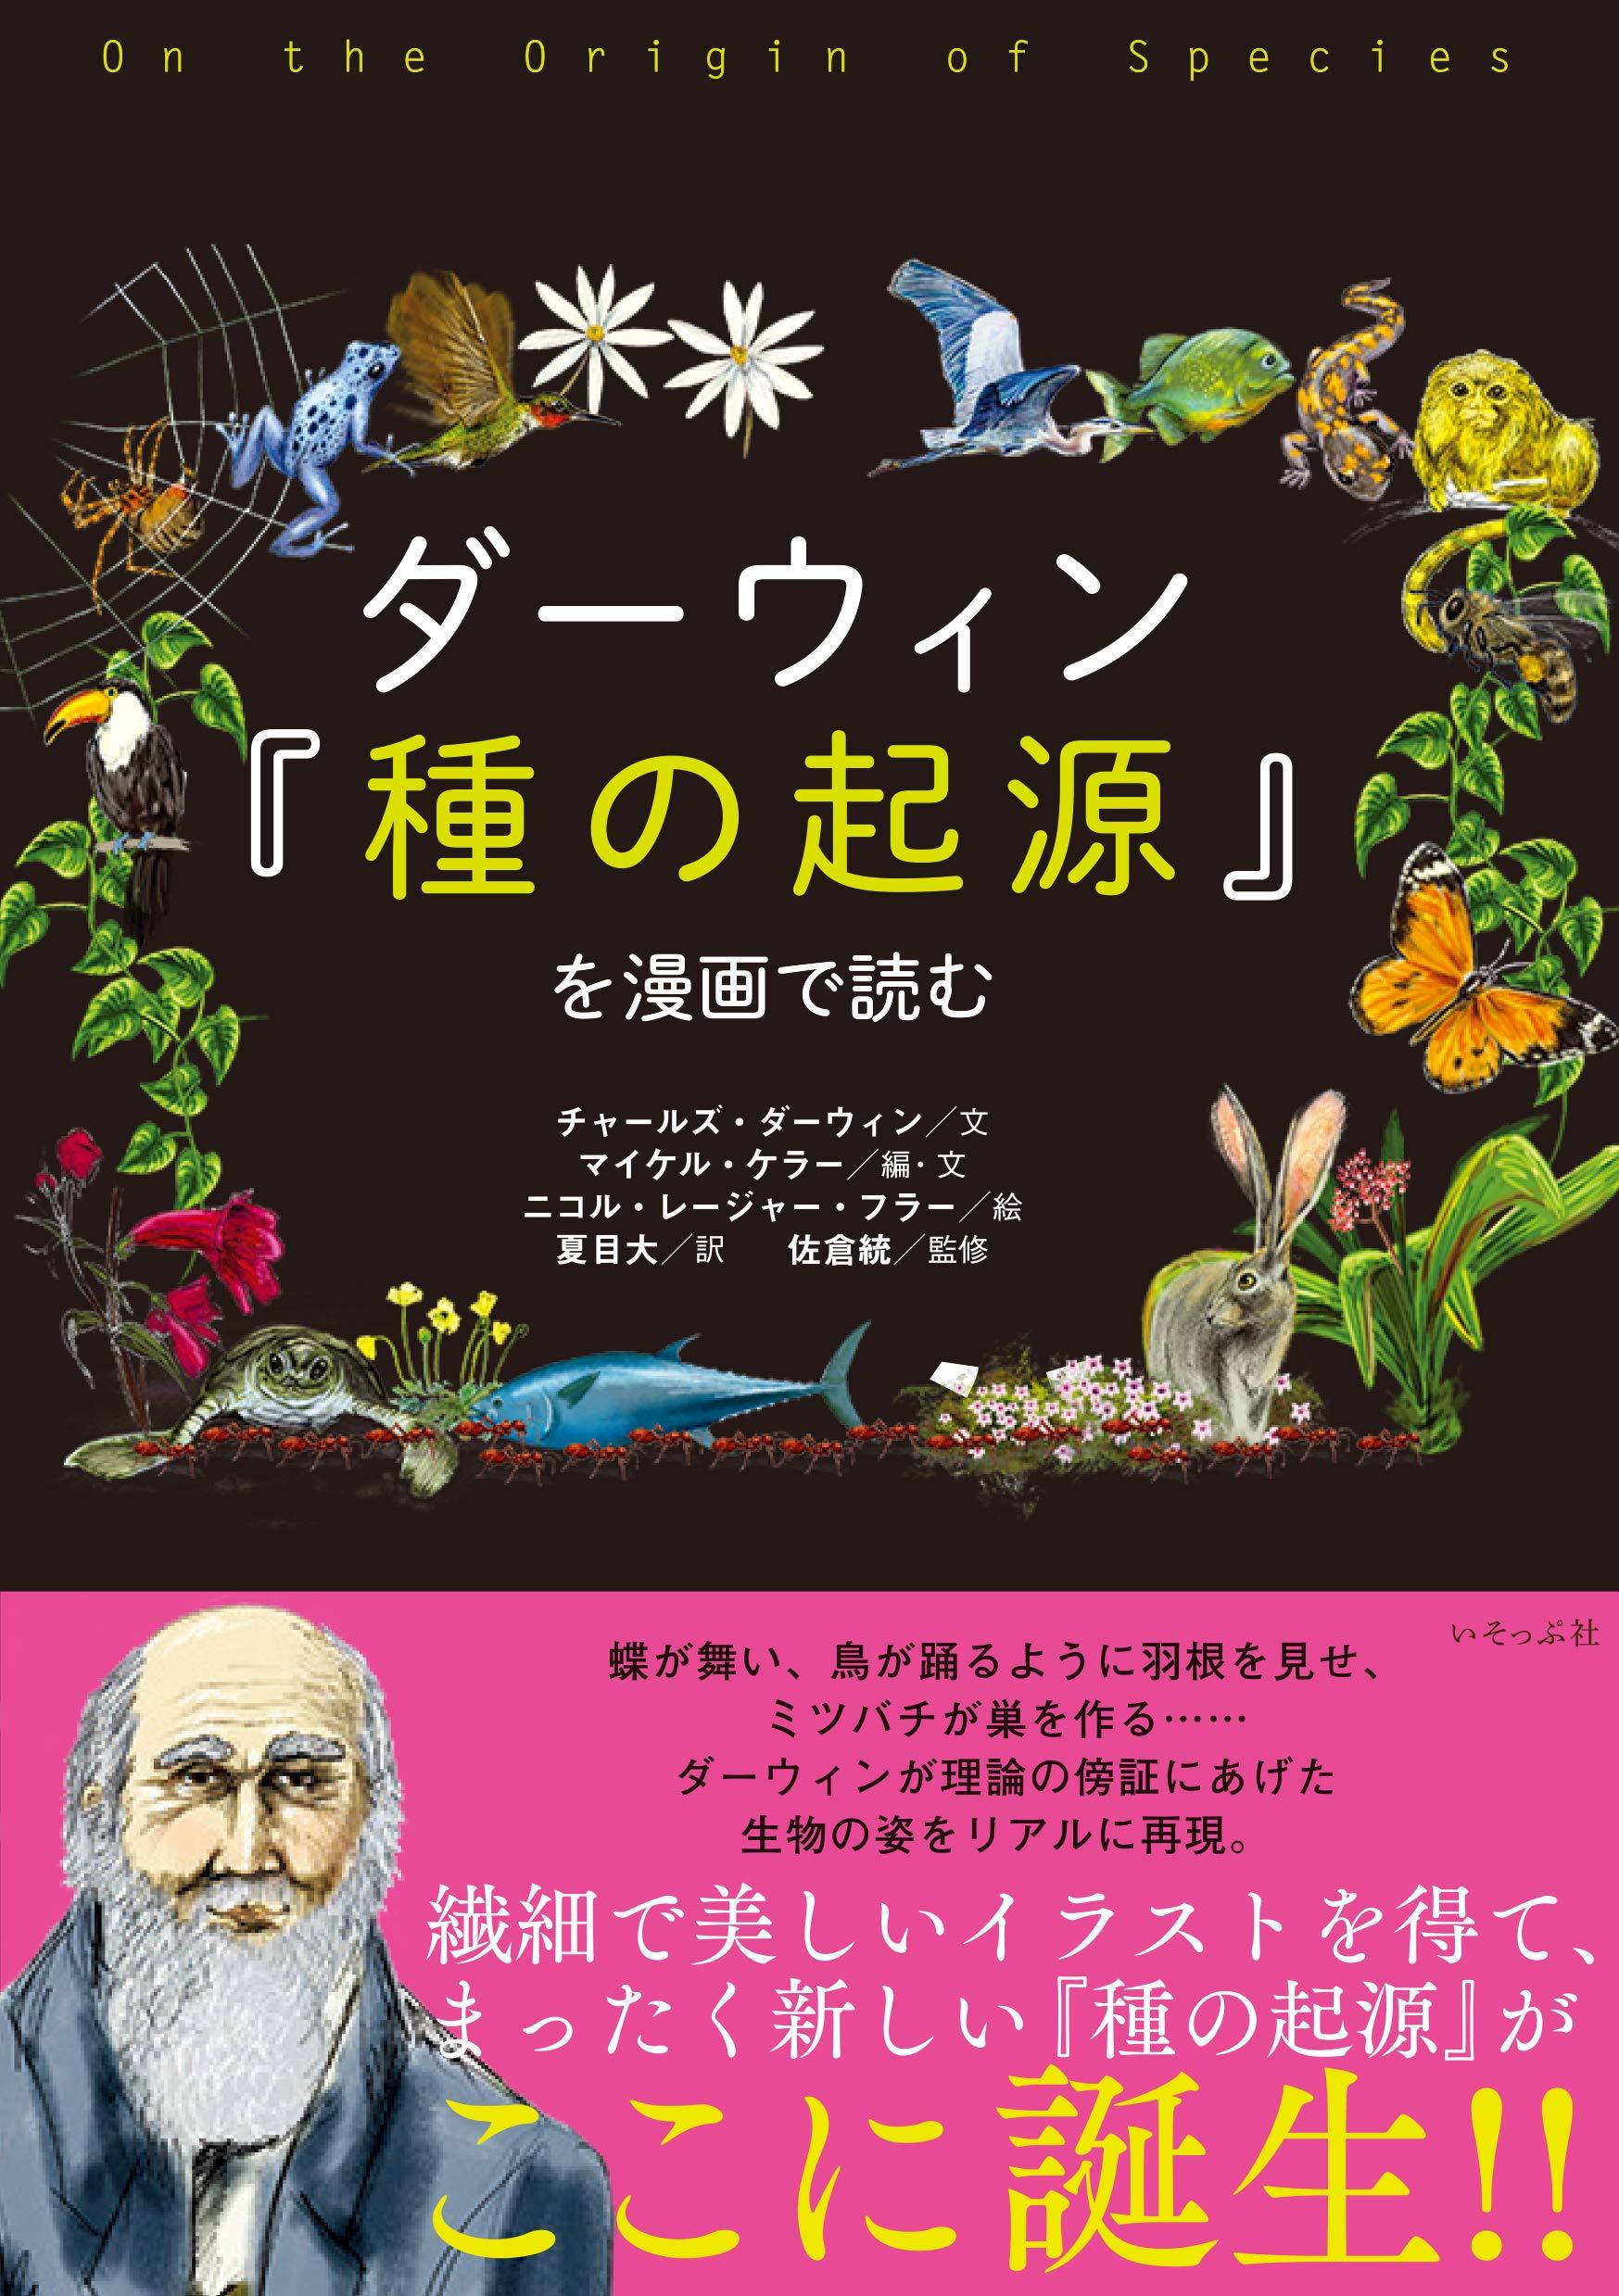 『ダーウィン「種の起源」を漫画で読む』